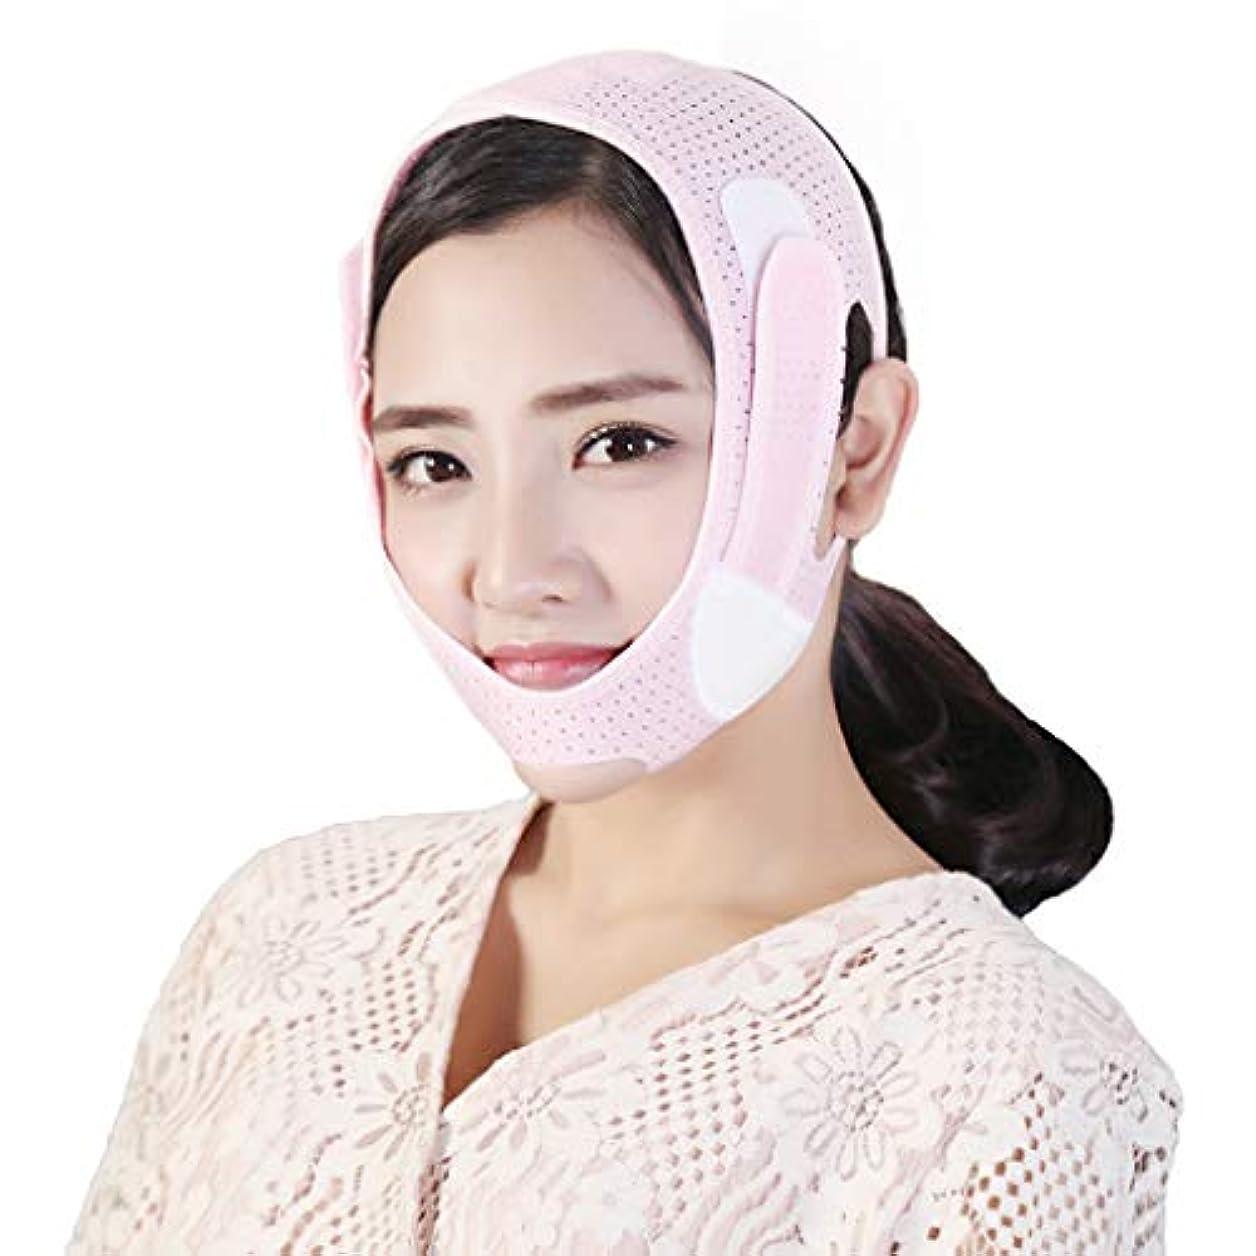 個人的な究極の主流減量マスク薄い顔のマスクV顔の薄い顔の咬筋ダブル顎の包帯睡眠マスクの通気性